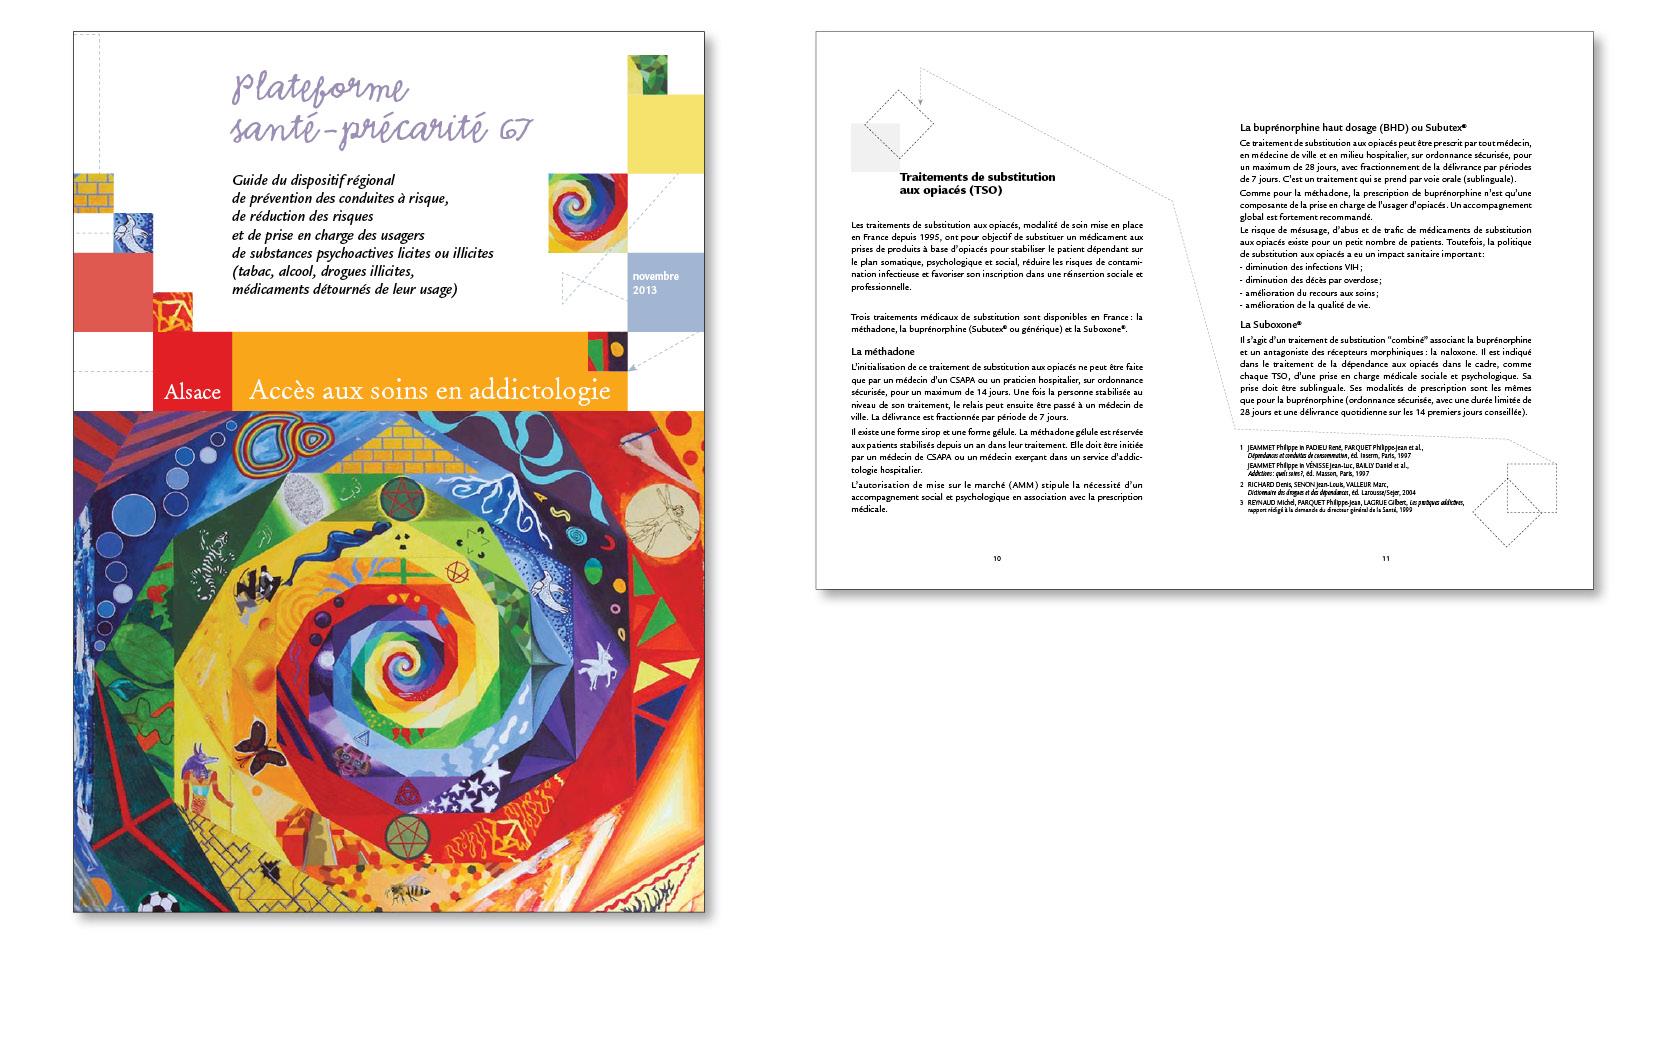 Guide accès aux soins en addictologie en Alsace, 2012, réédition 2014.